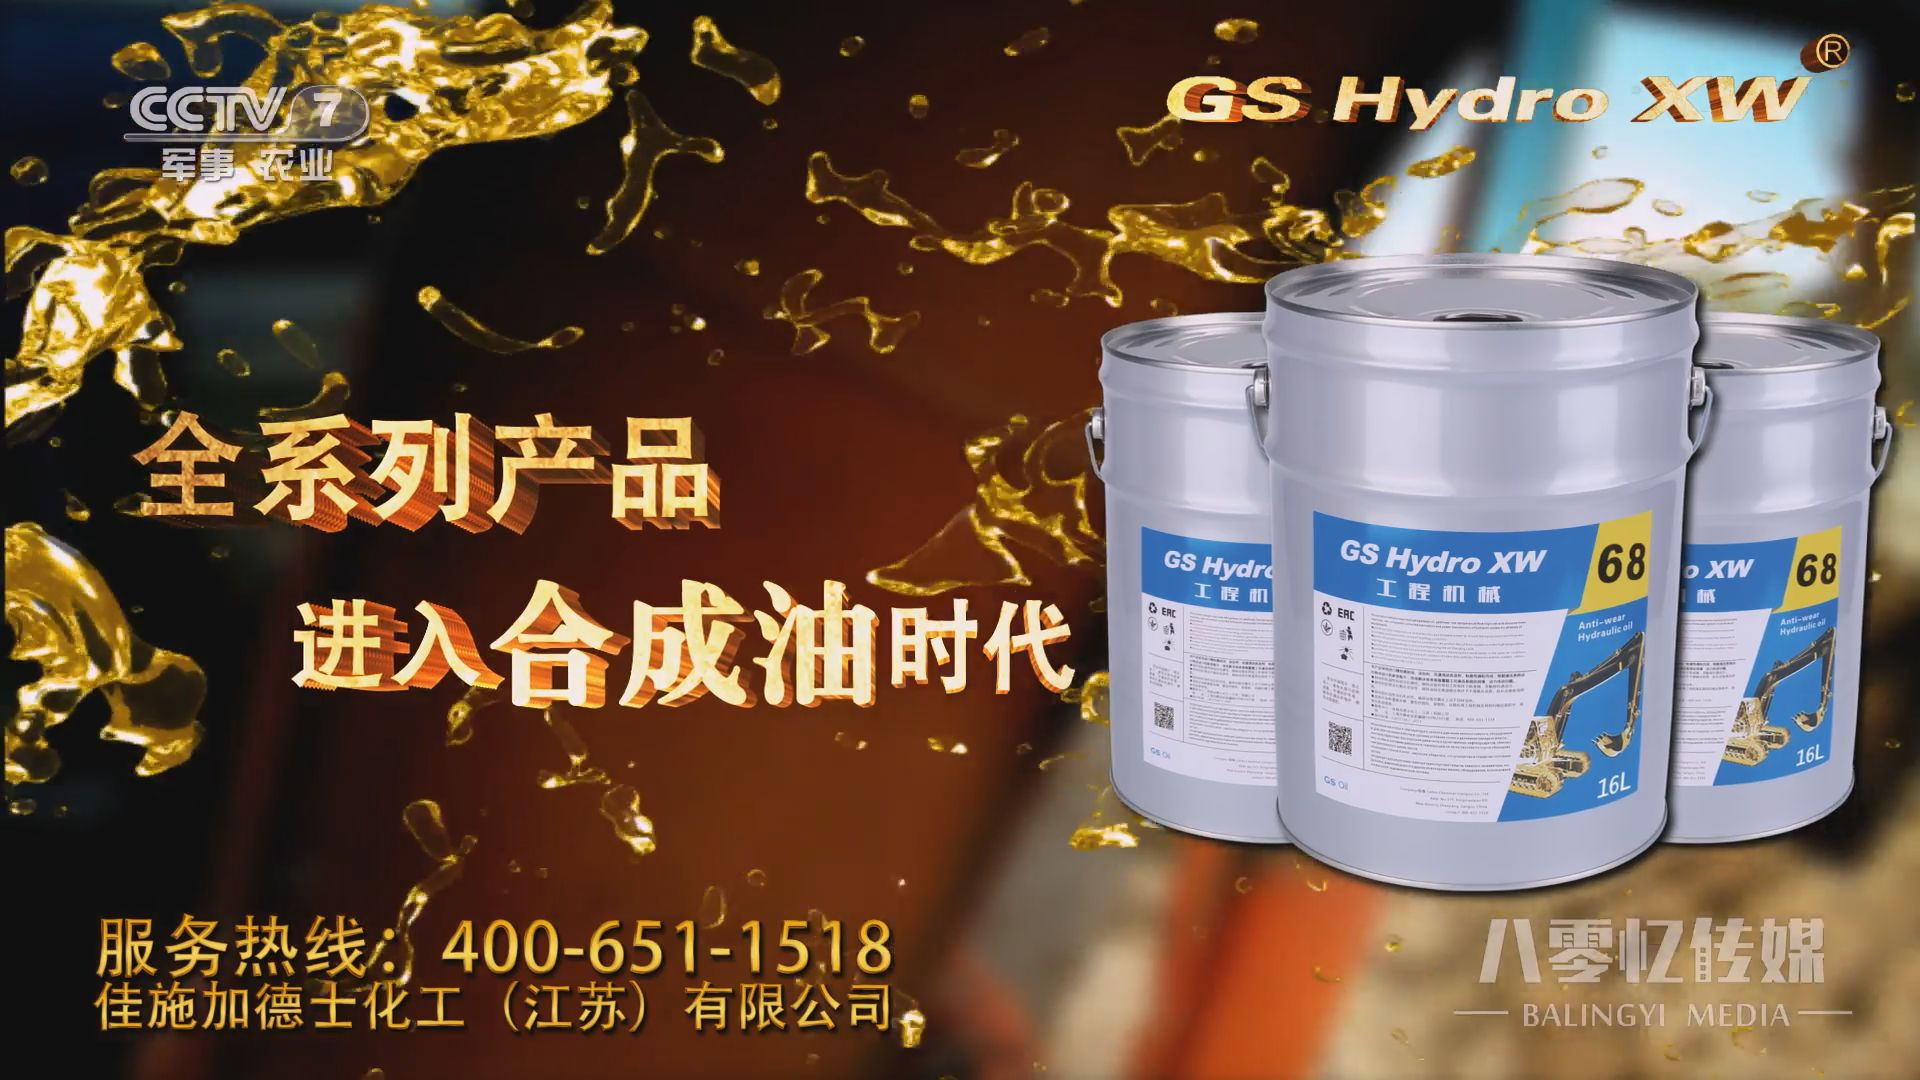 GS工程机械专用油 表现更出众